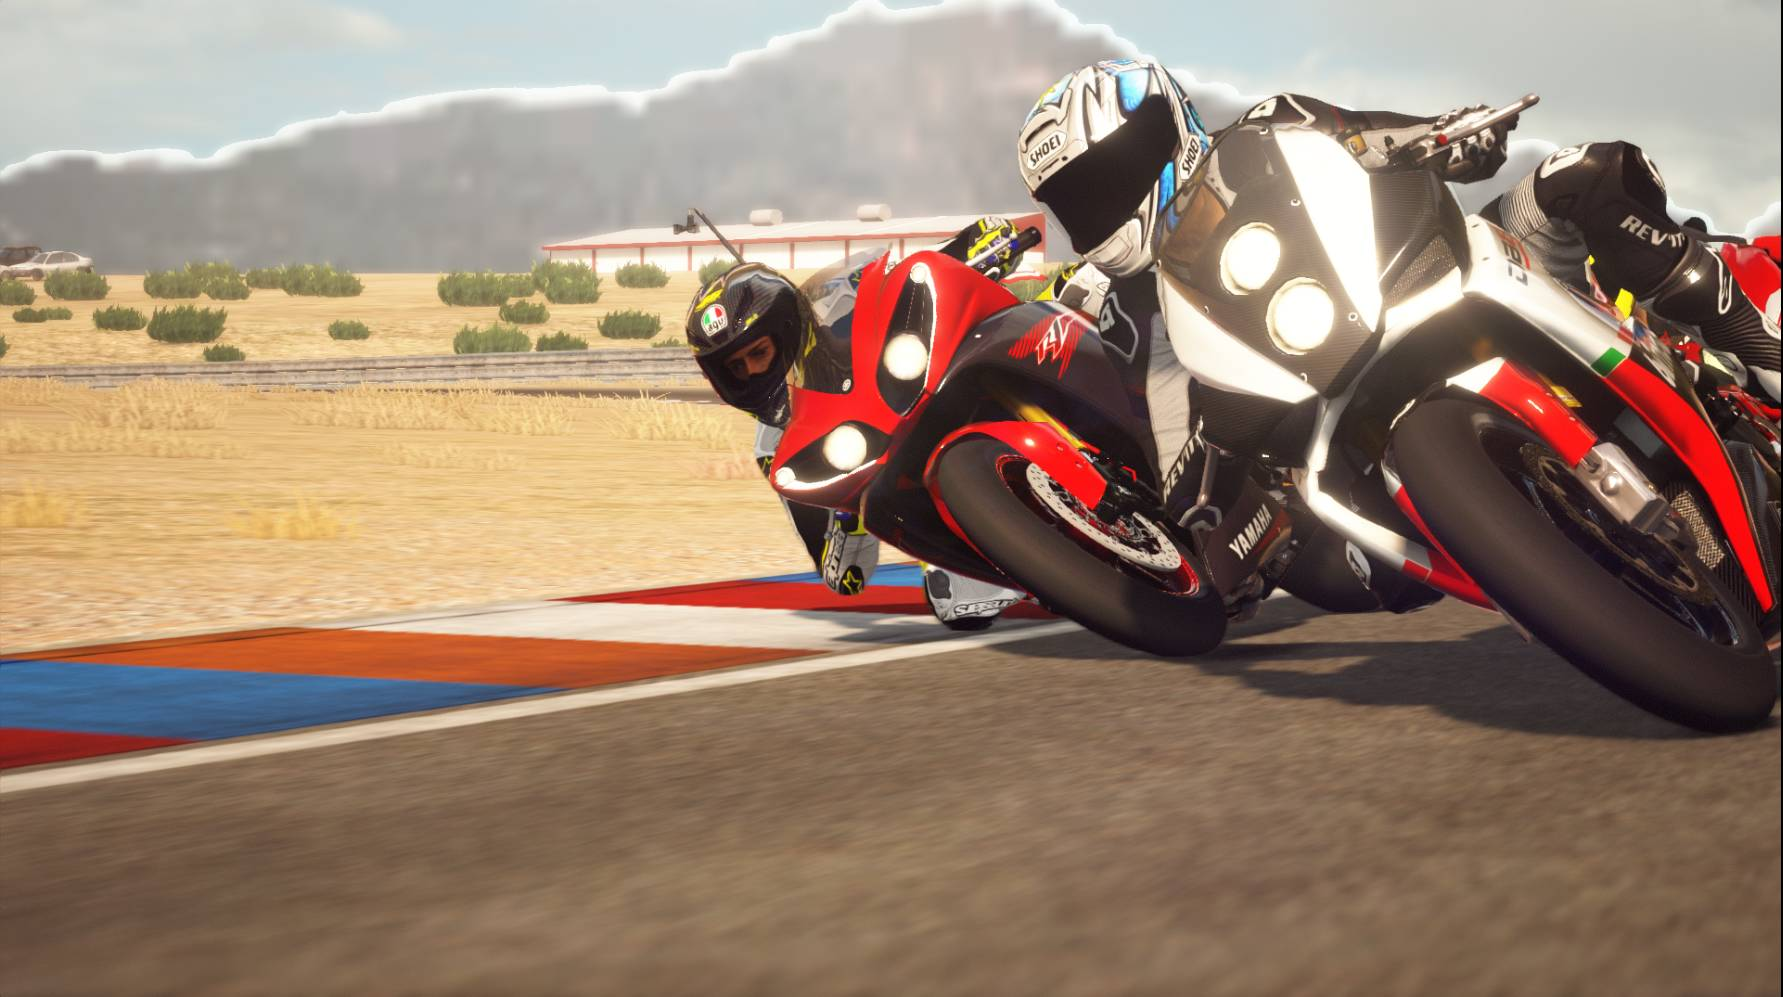 摩托车类型的游戏